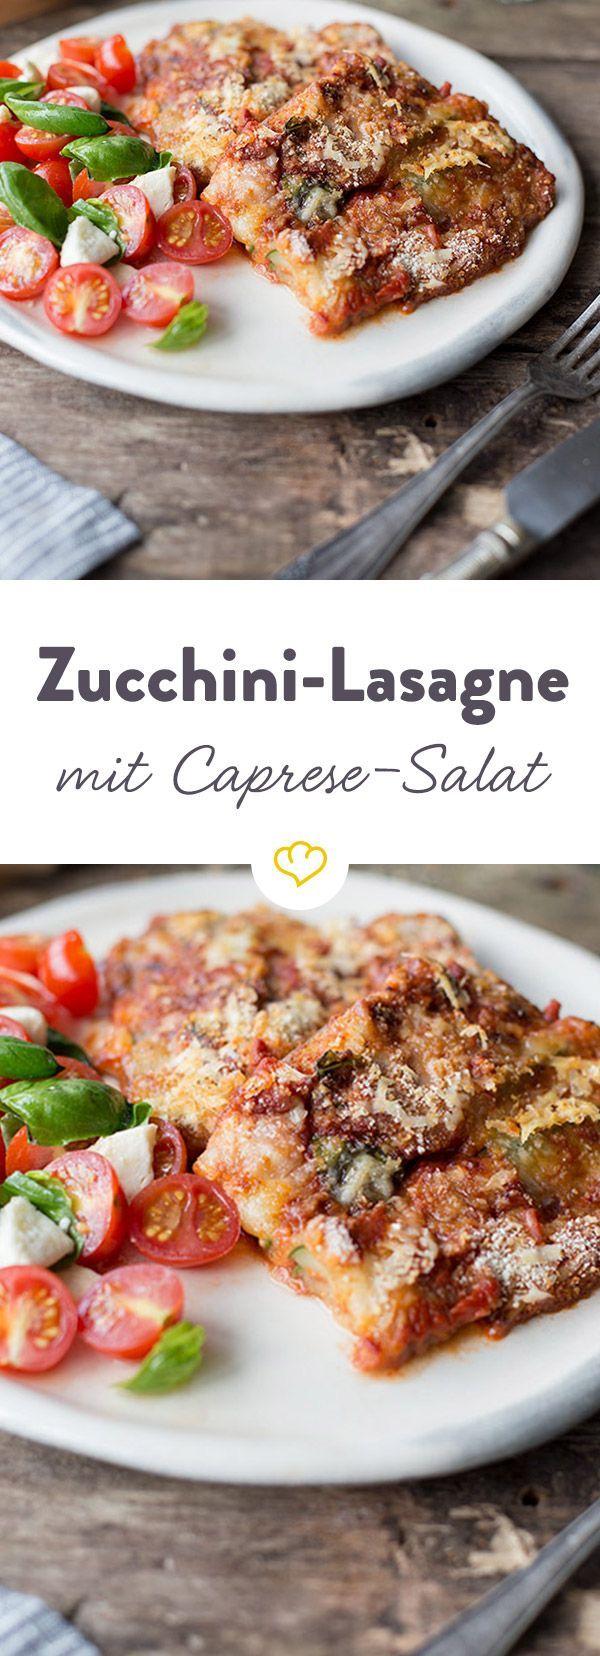 Statt Nudeln haben es sich hier leckere Zucchinistreifen zwischen würziger Tomatensauce, Pinienkernen und Mozzarella gemütlich gemacht.